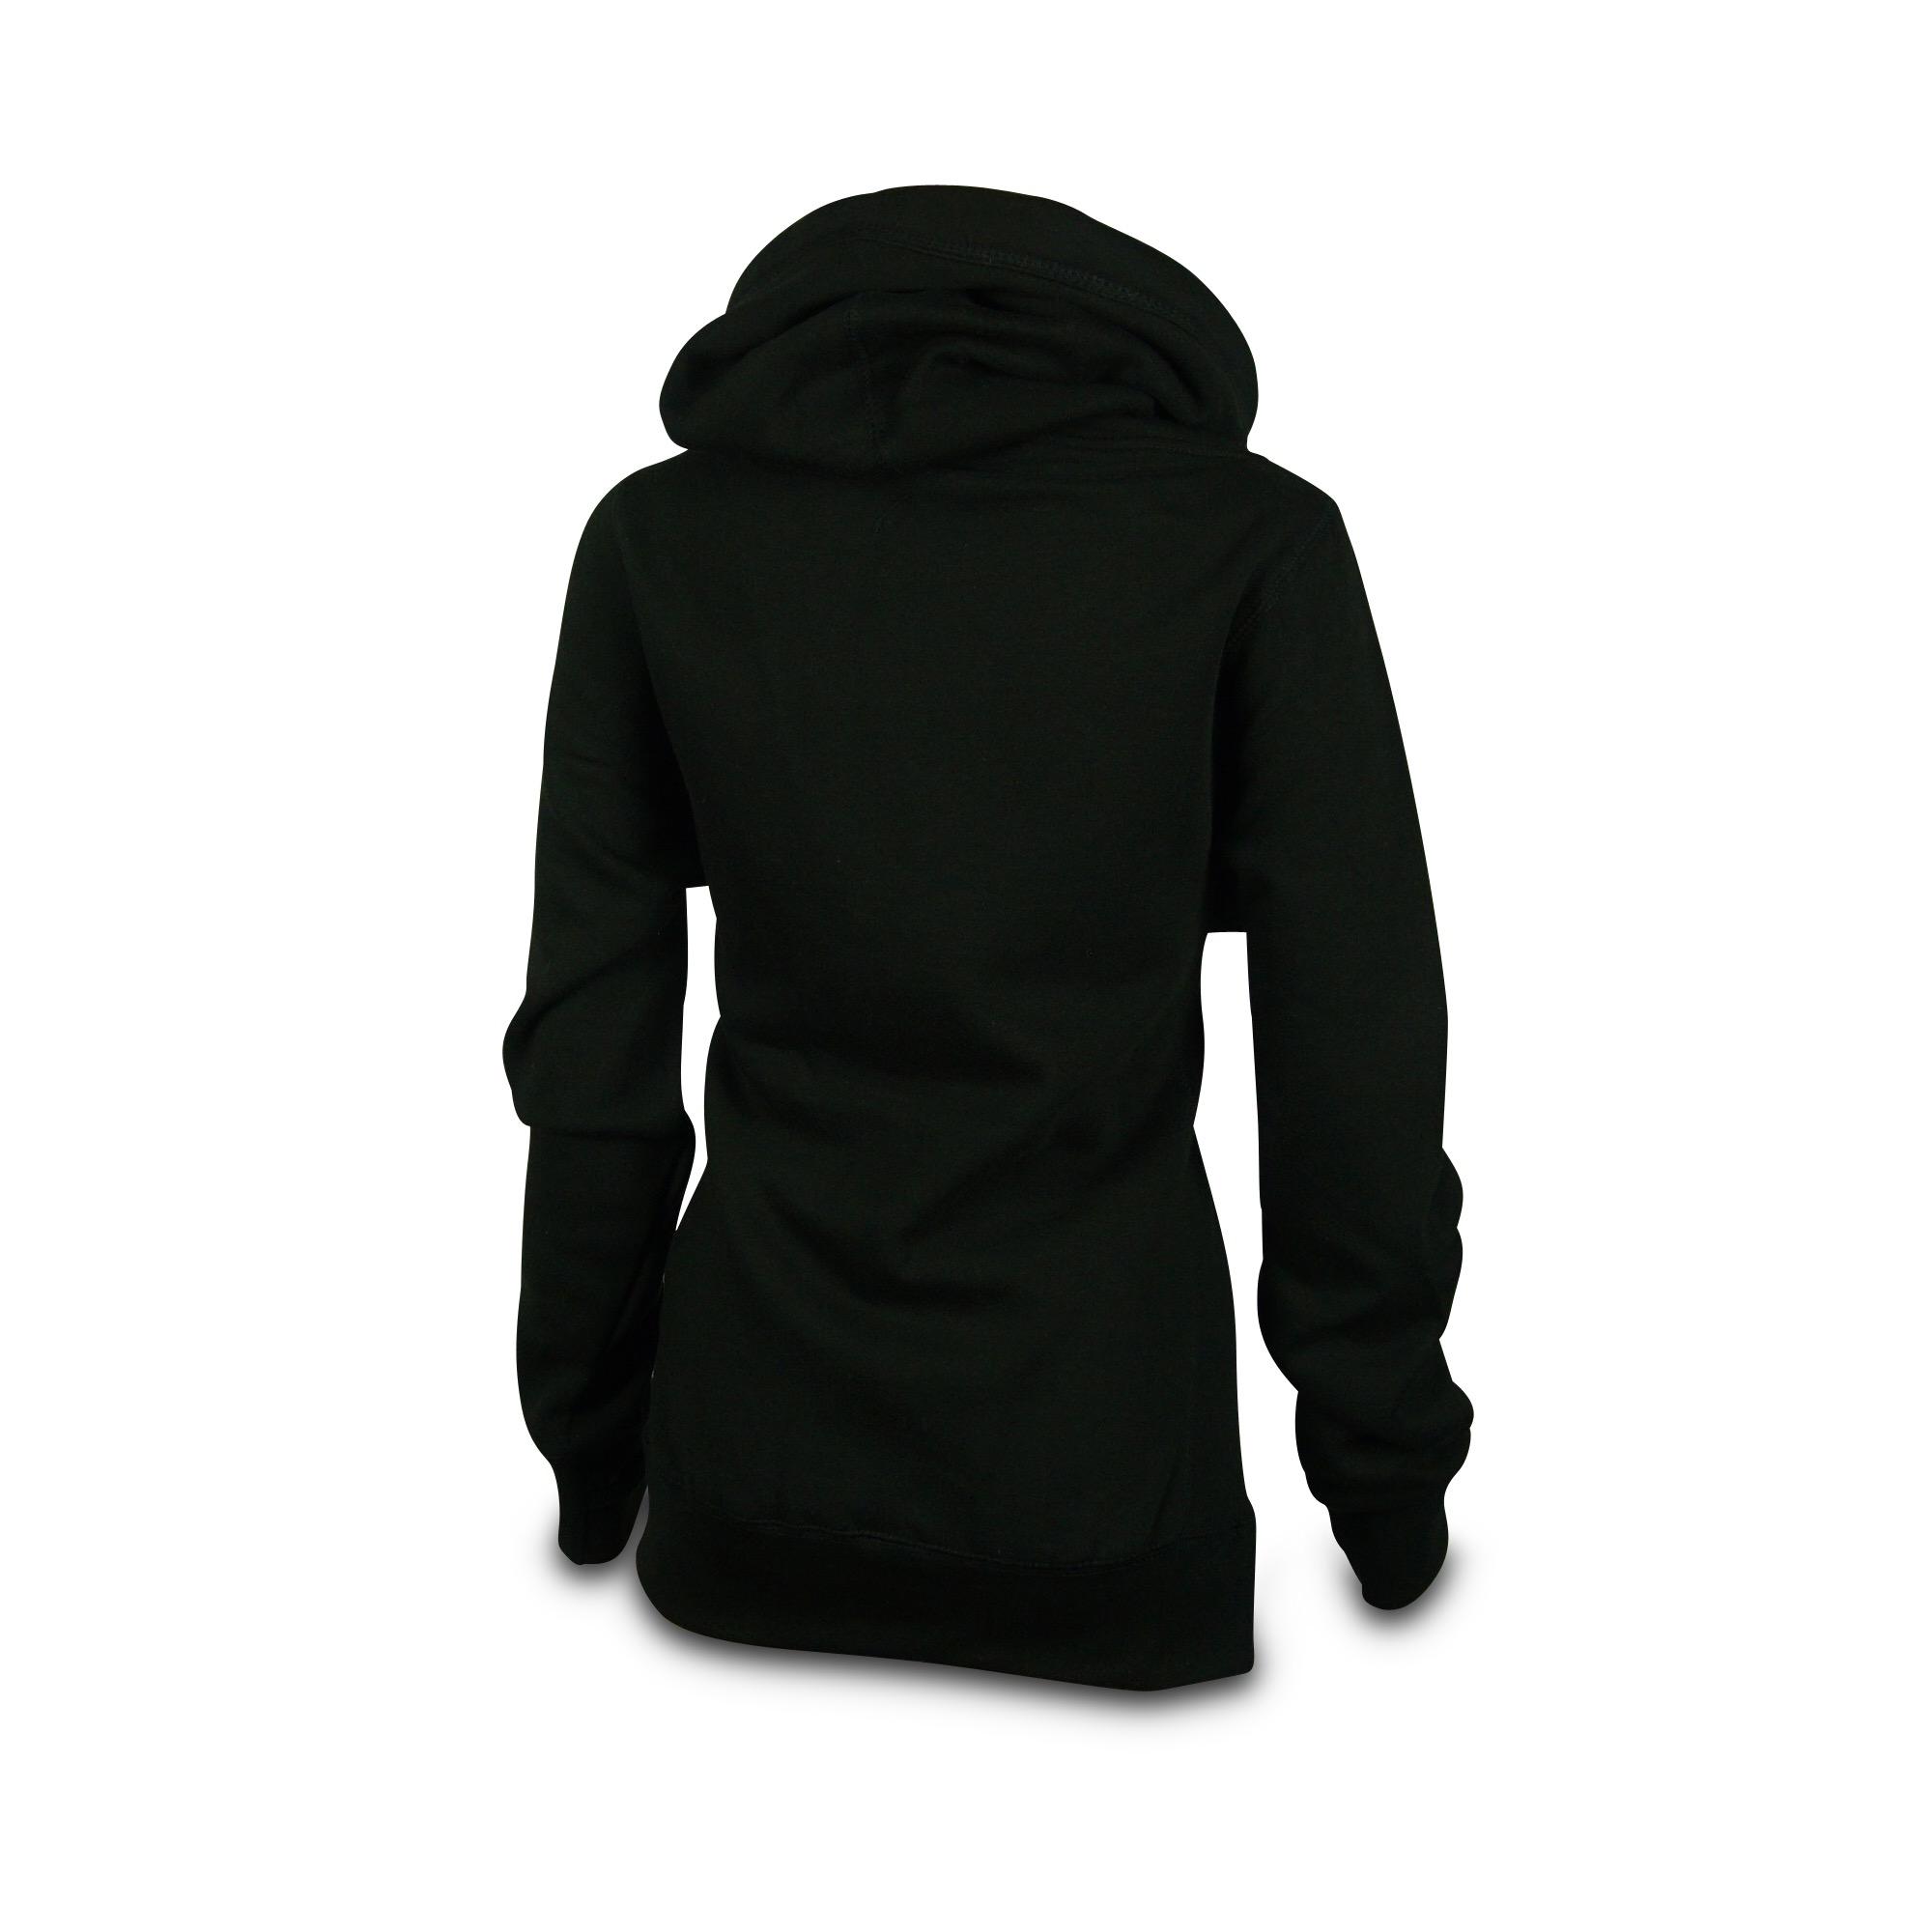 cross_neck_hoodie_damen_schwarz_hinten